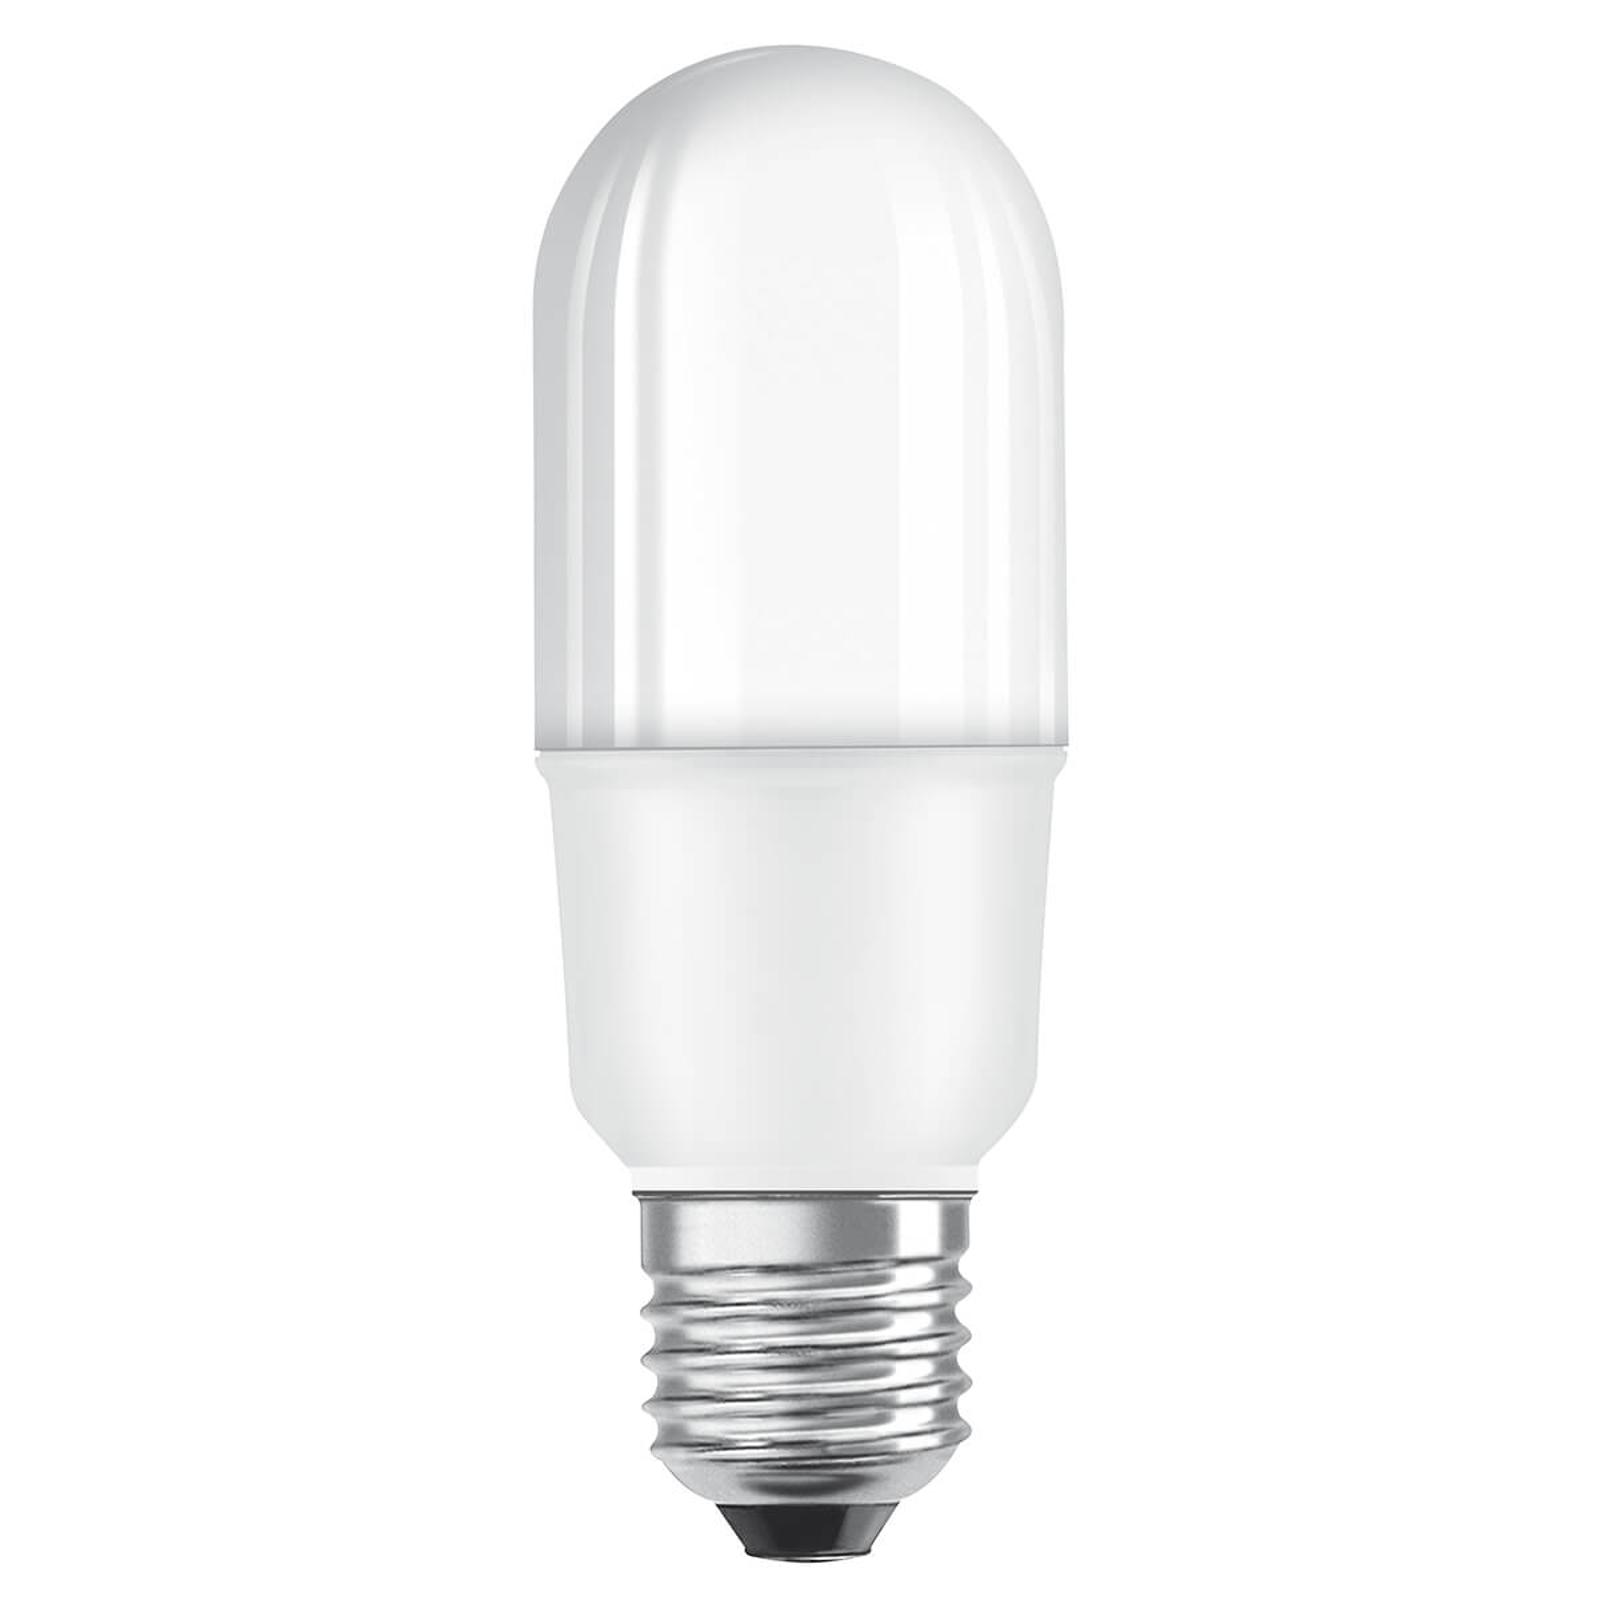 OSRAM-LED-loisteputki Star E27 8W perusvalkoinen